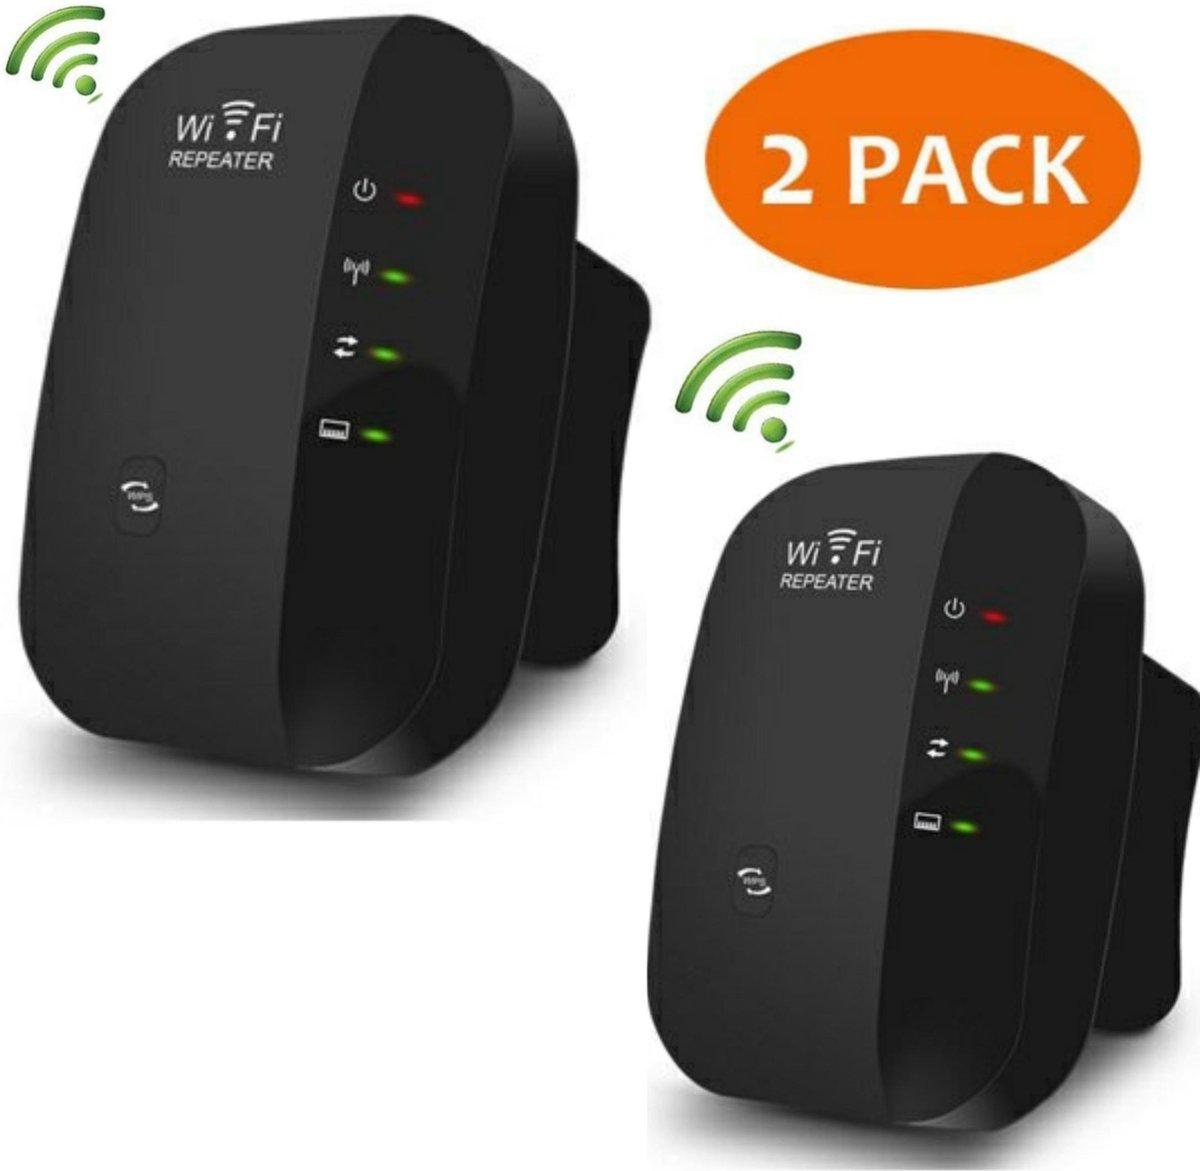 Wifi repeater - Versterker - Signaal versterker - Duo pack 2 stuks draadloos internet 300 MBPs - 2.4 GHz - Zwart kopen